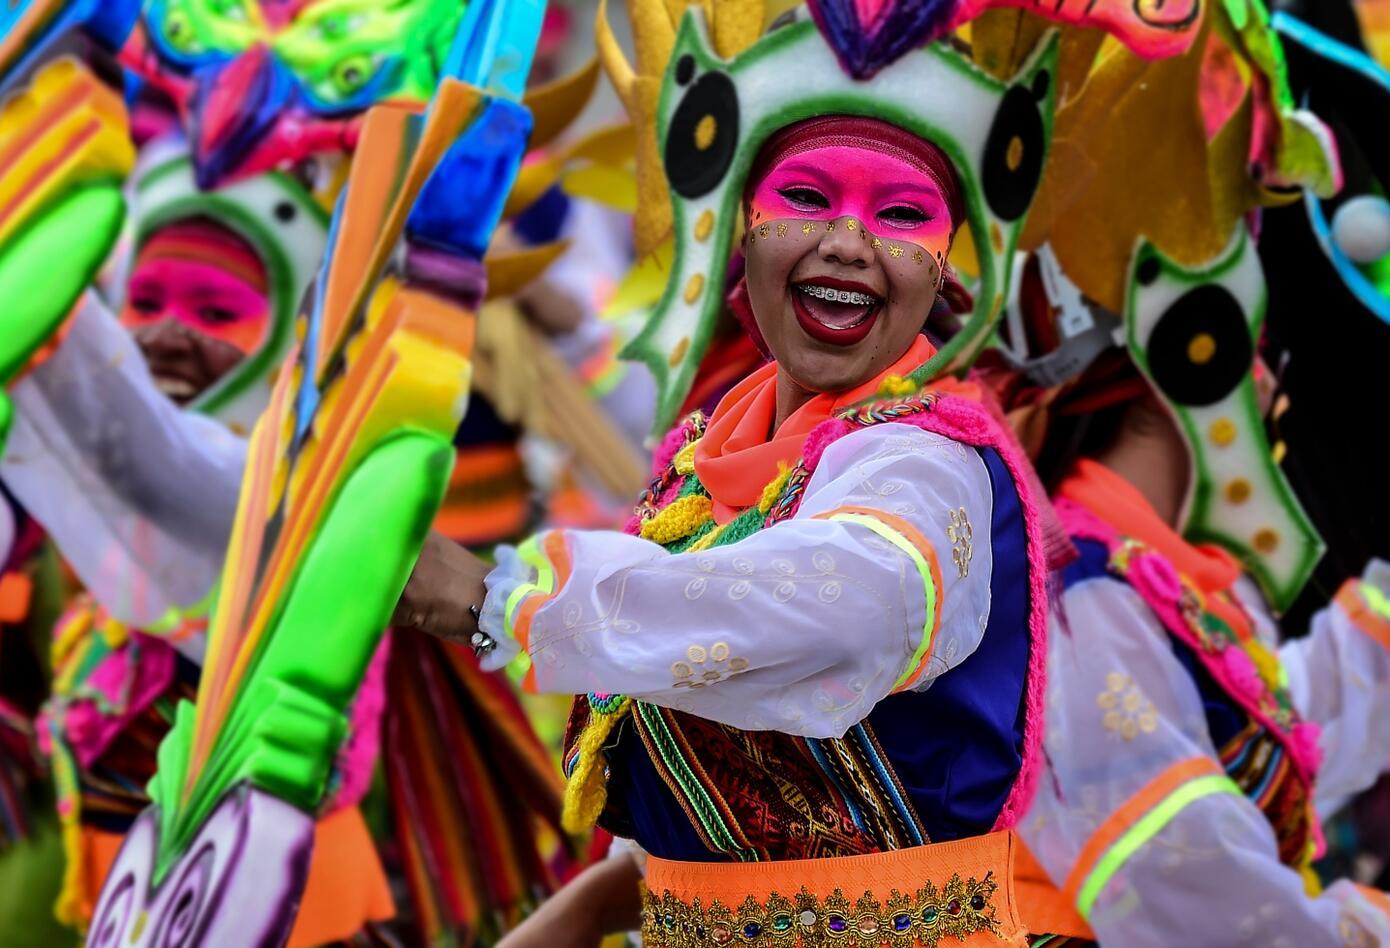 Picardía, ironía y sarcasmo recorren el Carnaval de Blancos y Negros.